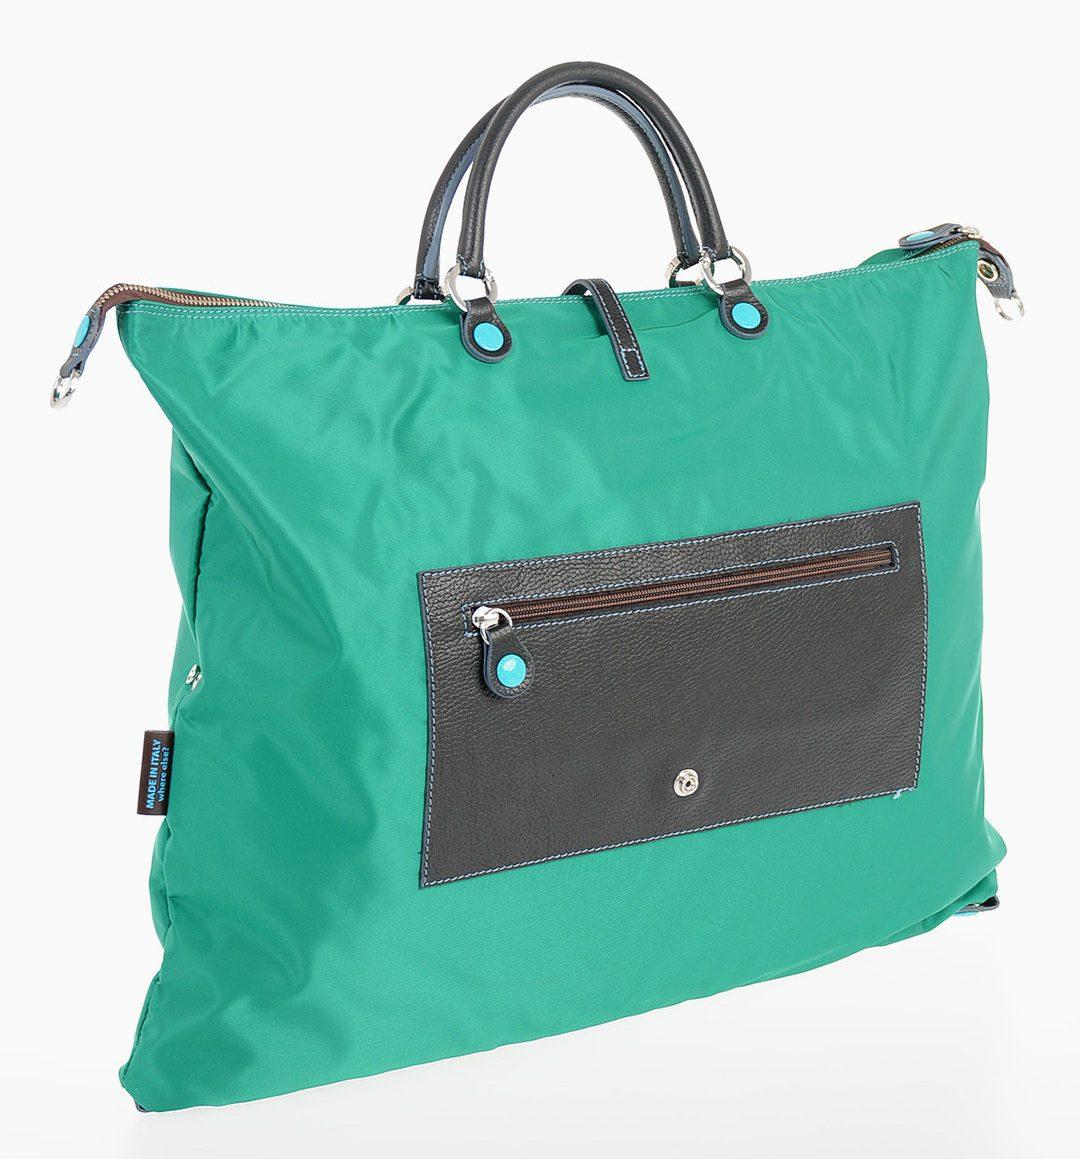 Verde, il colore della Moda Autunno/Inverno 2022